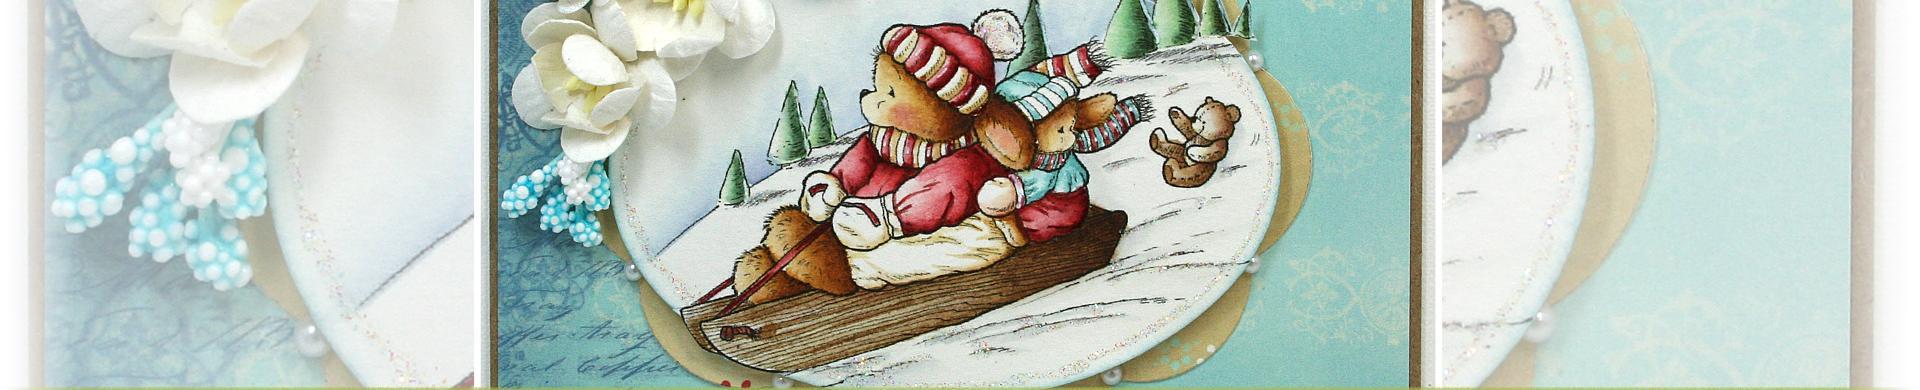 Christmas Digital Stamps